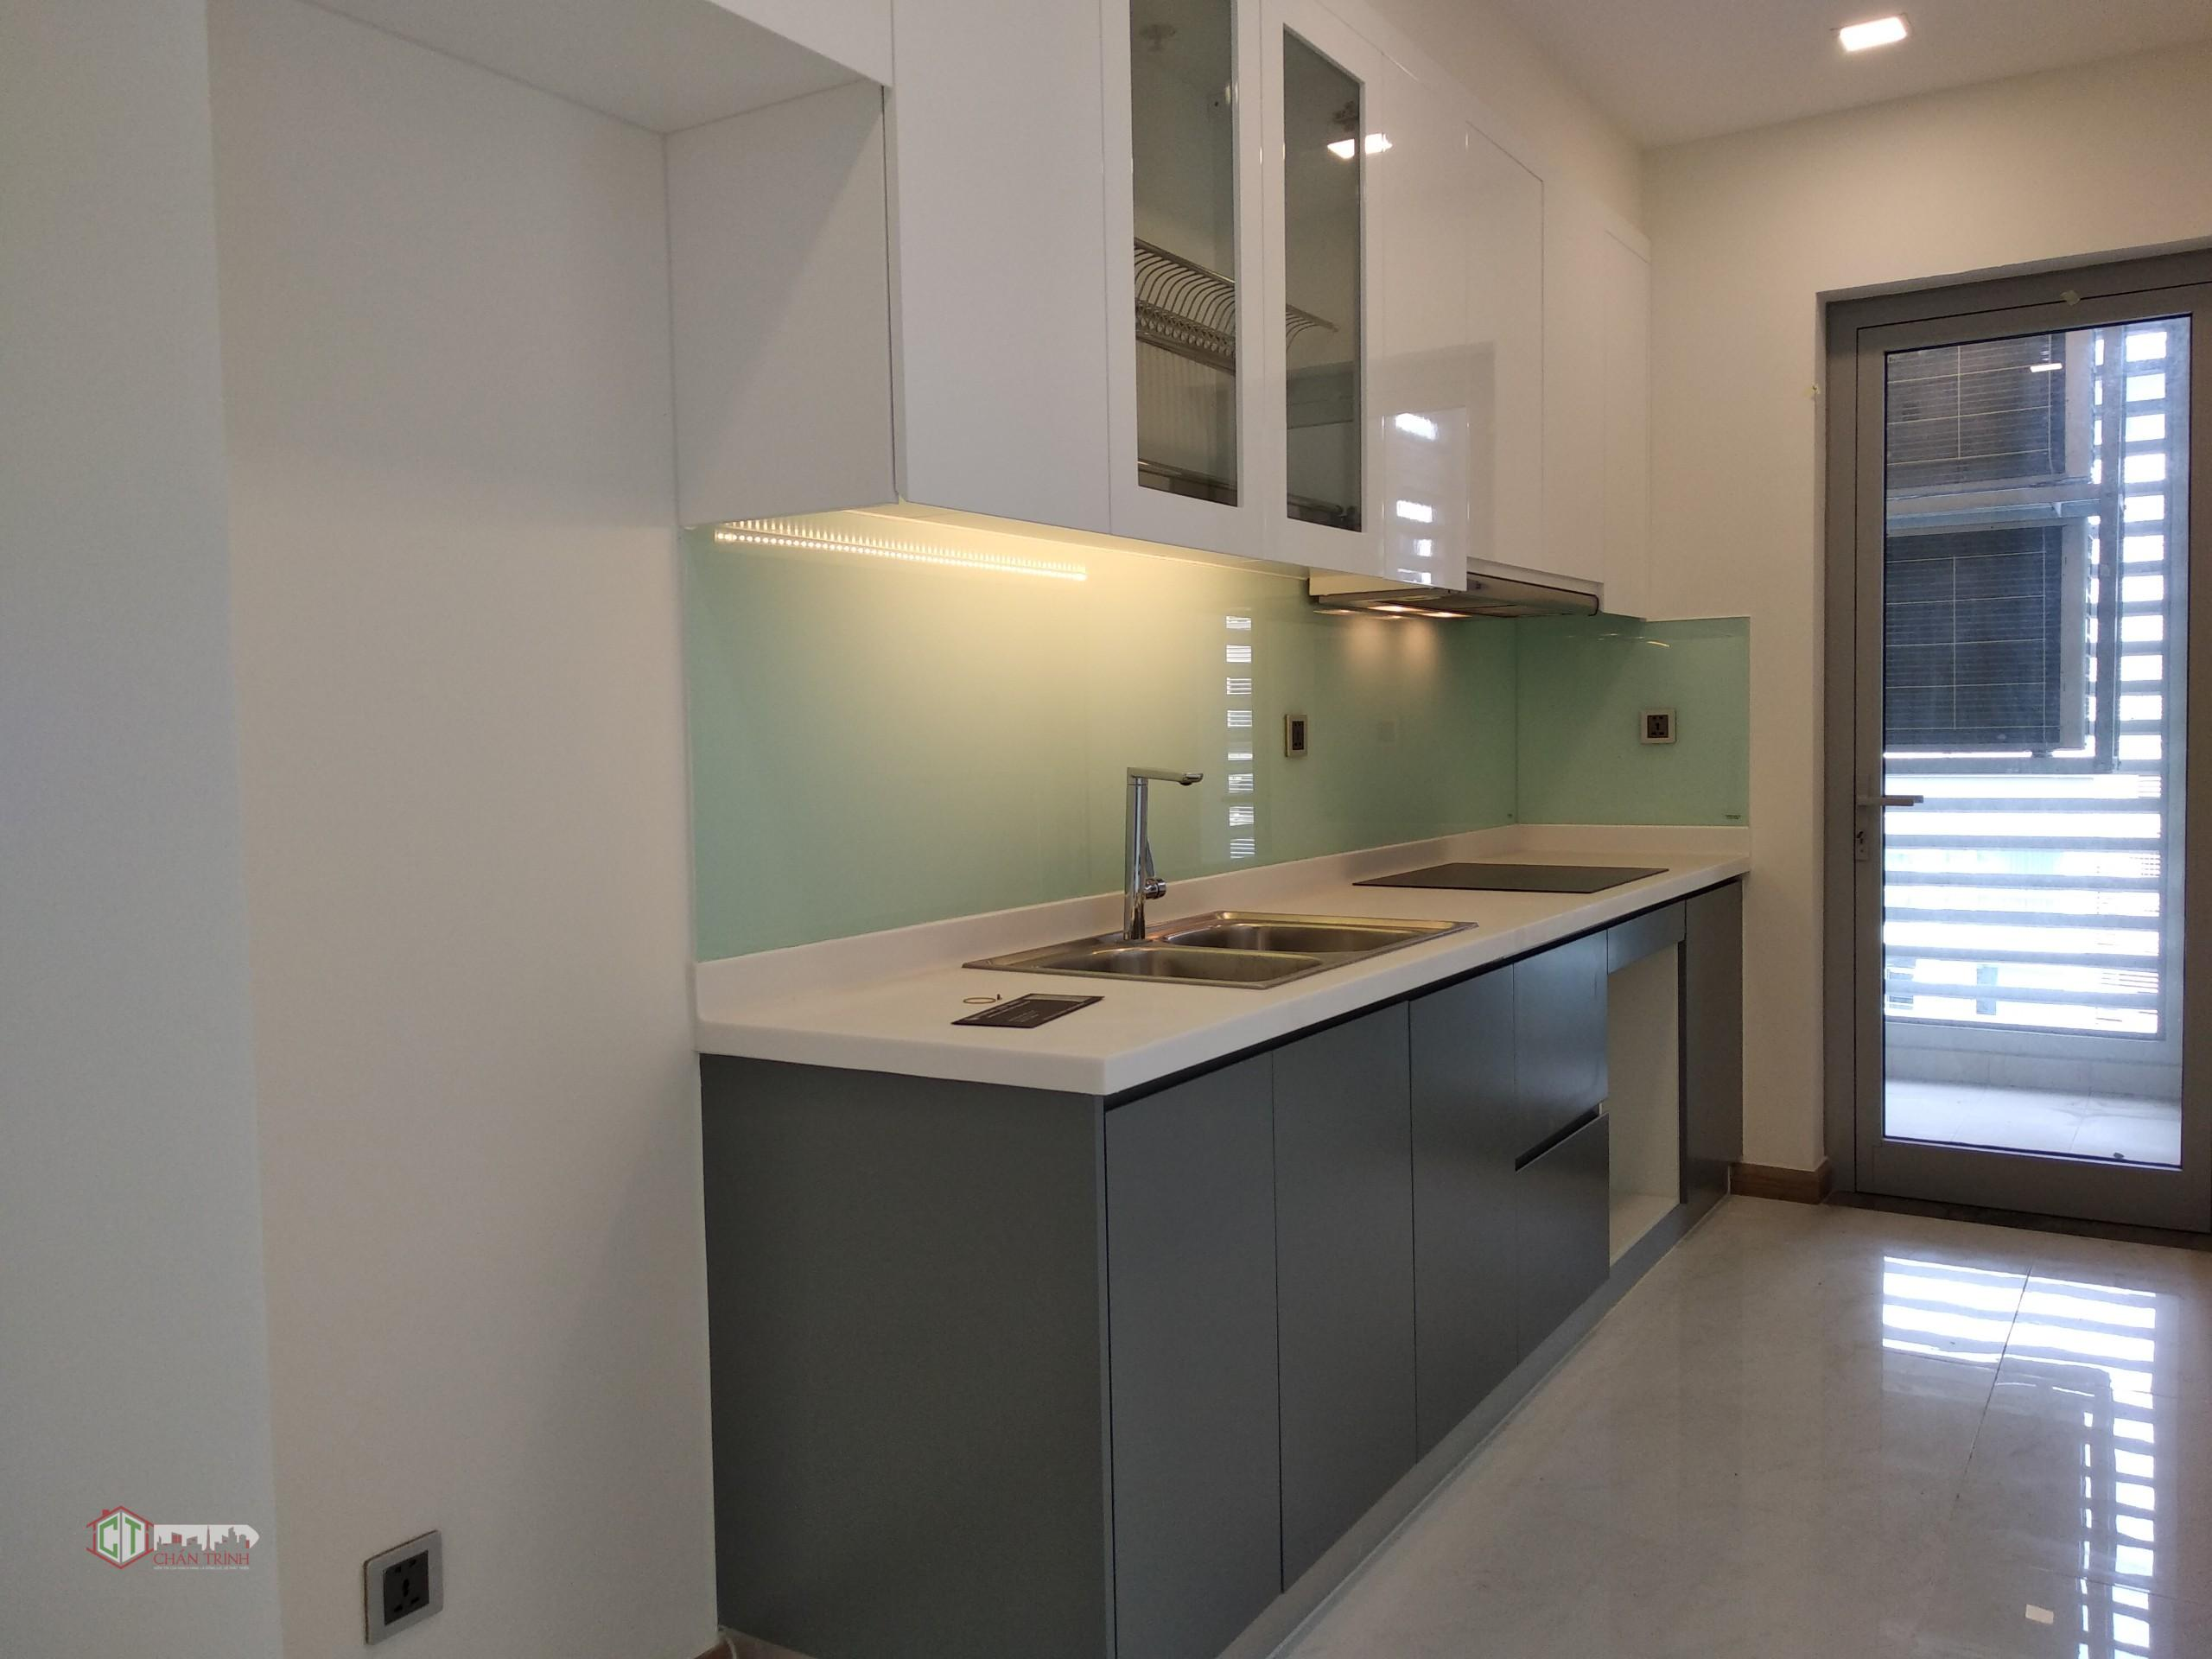 Phòng bếp căn hộ 2 phòng Vinhomes Central Park